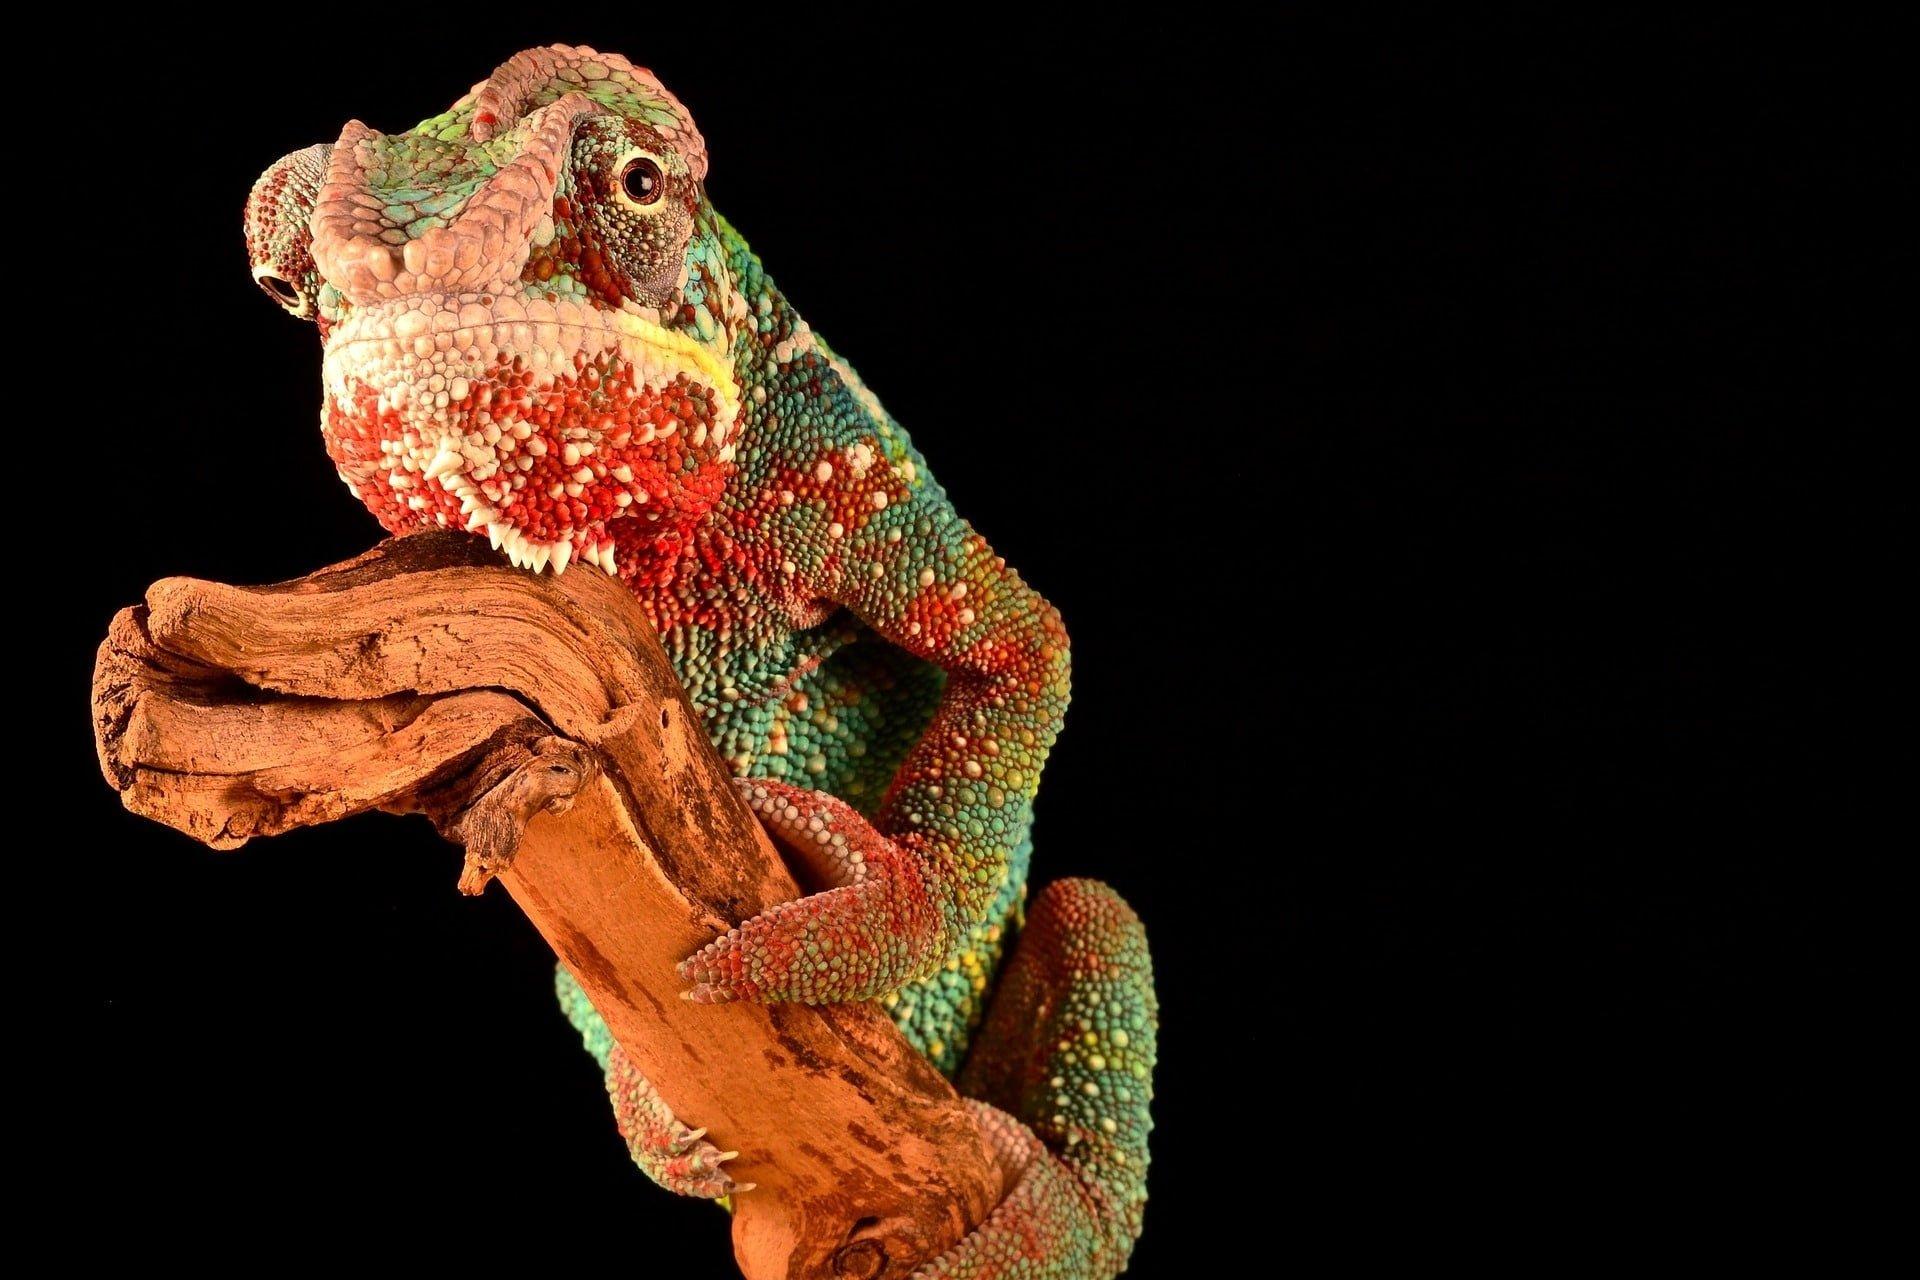 Le caméléon quand il veut connaître sa véritable nature, se pose sur le vide...